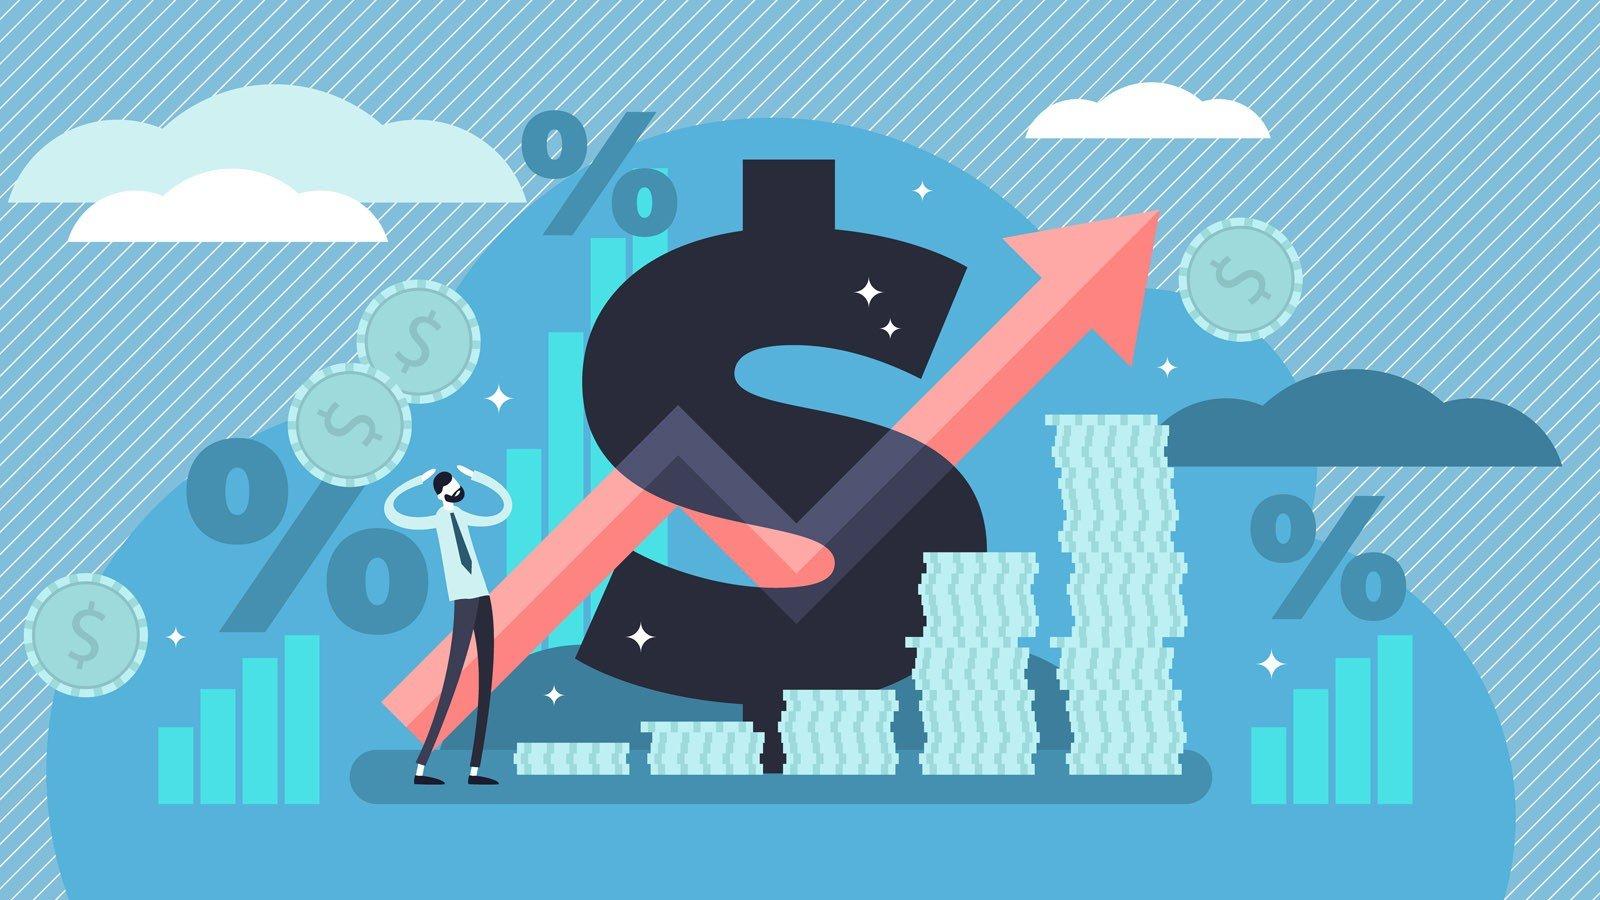 9 formas de incrementar los ingresos de tu negocio